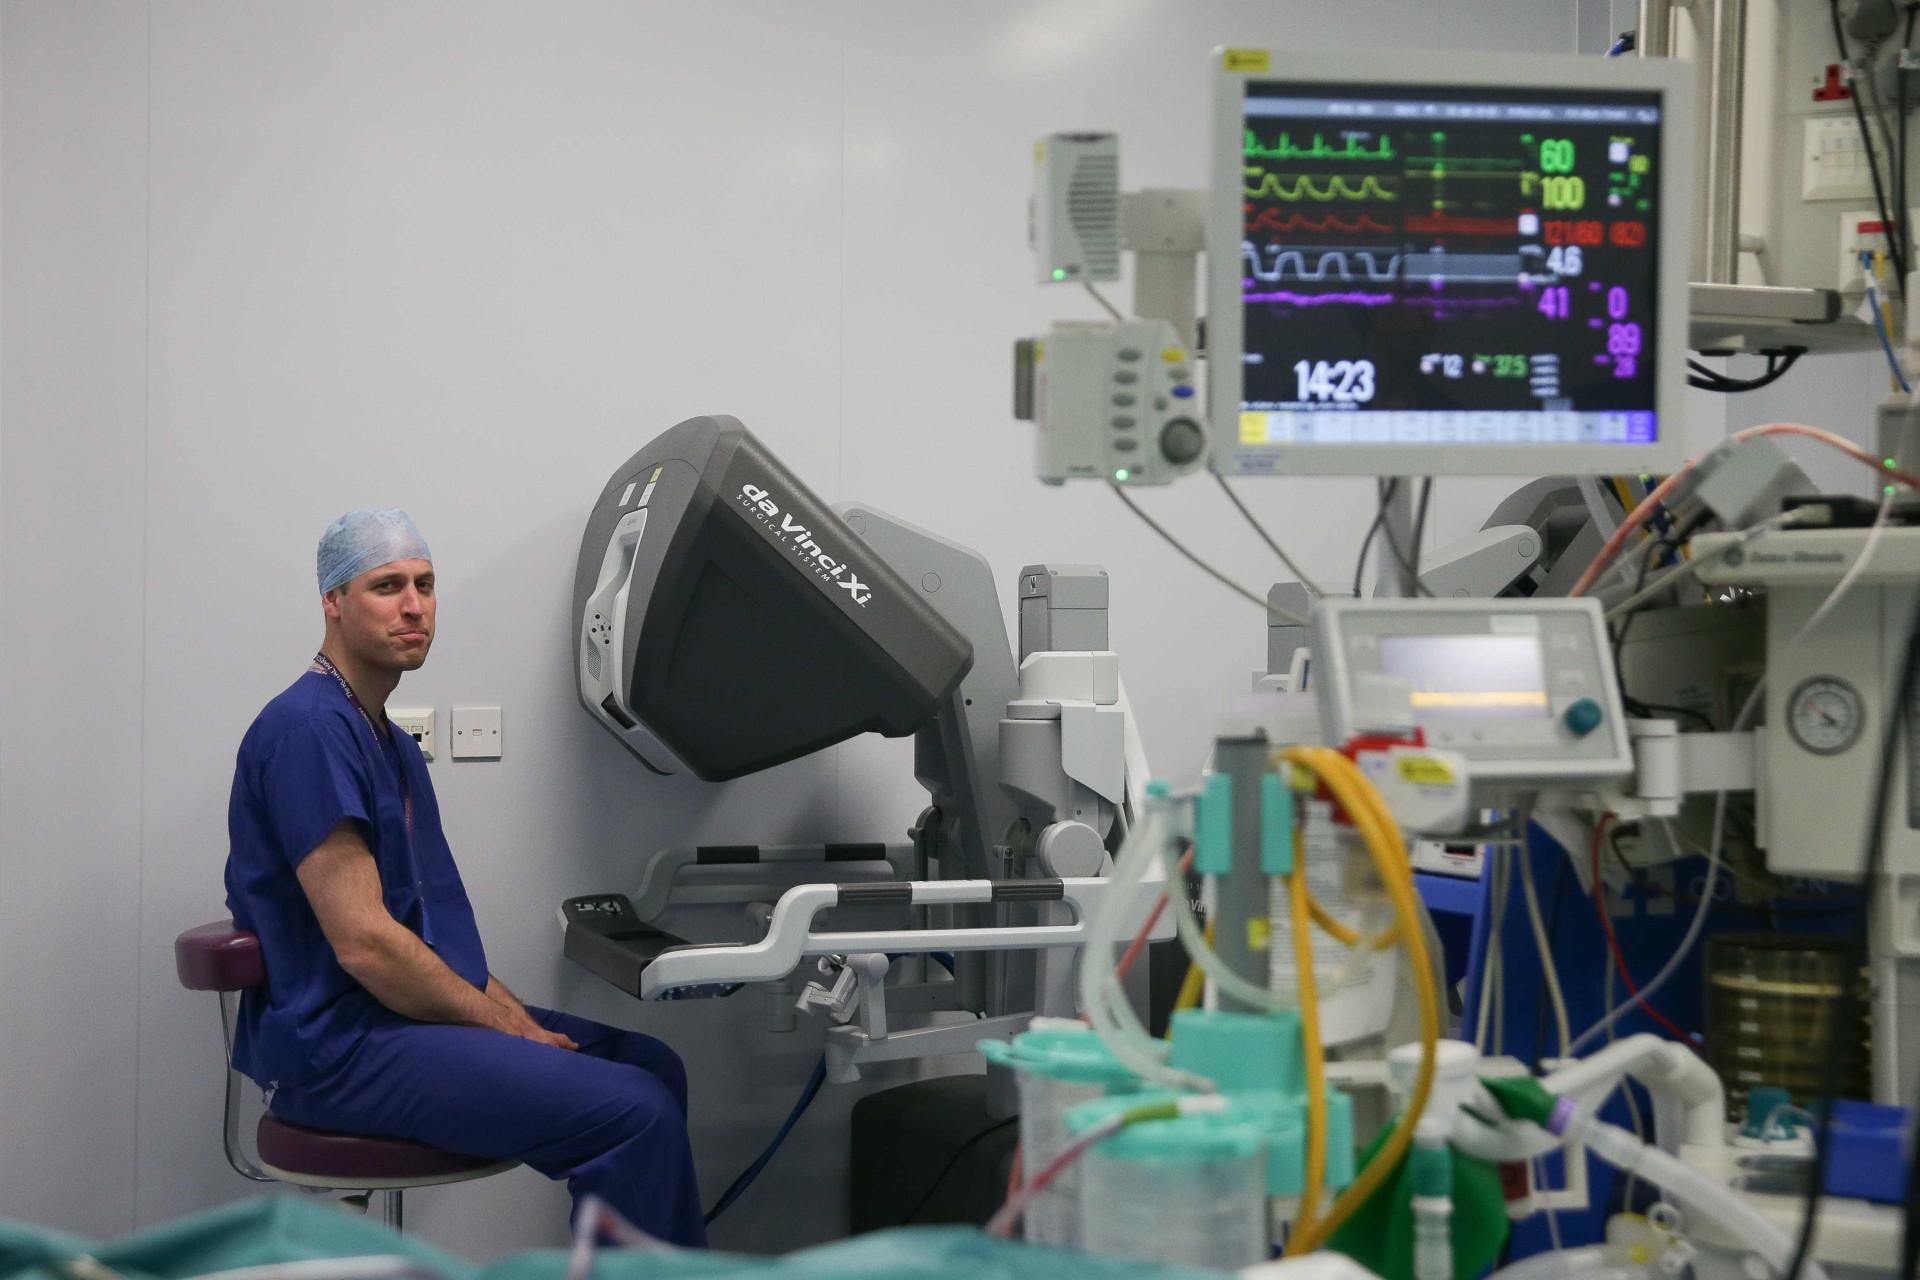 Príncipe William foi 'cirurgião' por um dia